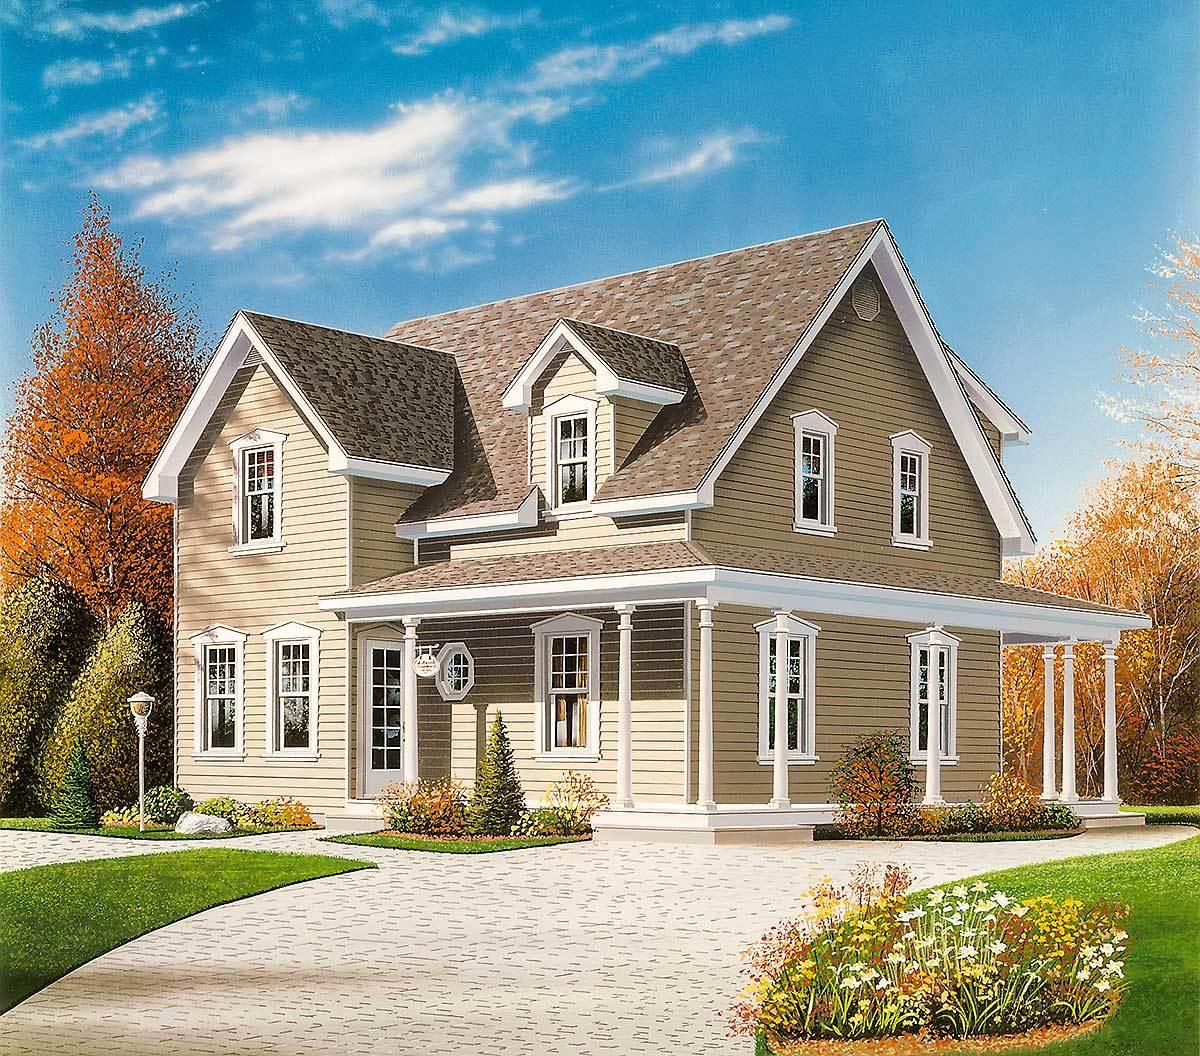 Farmhouse Plans with Porches